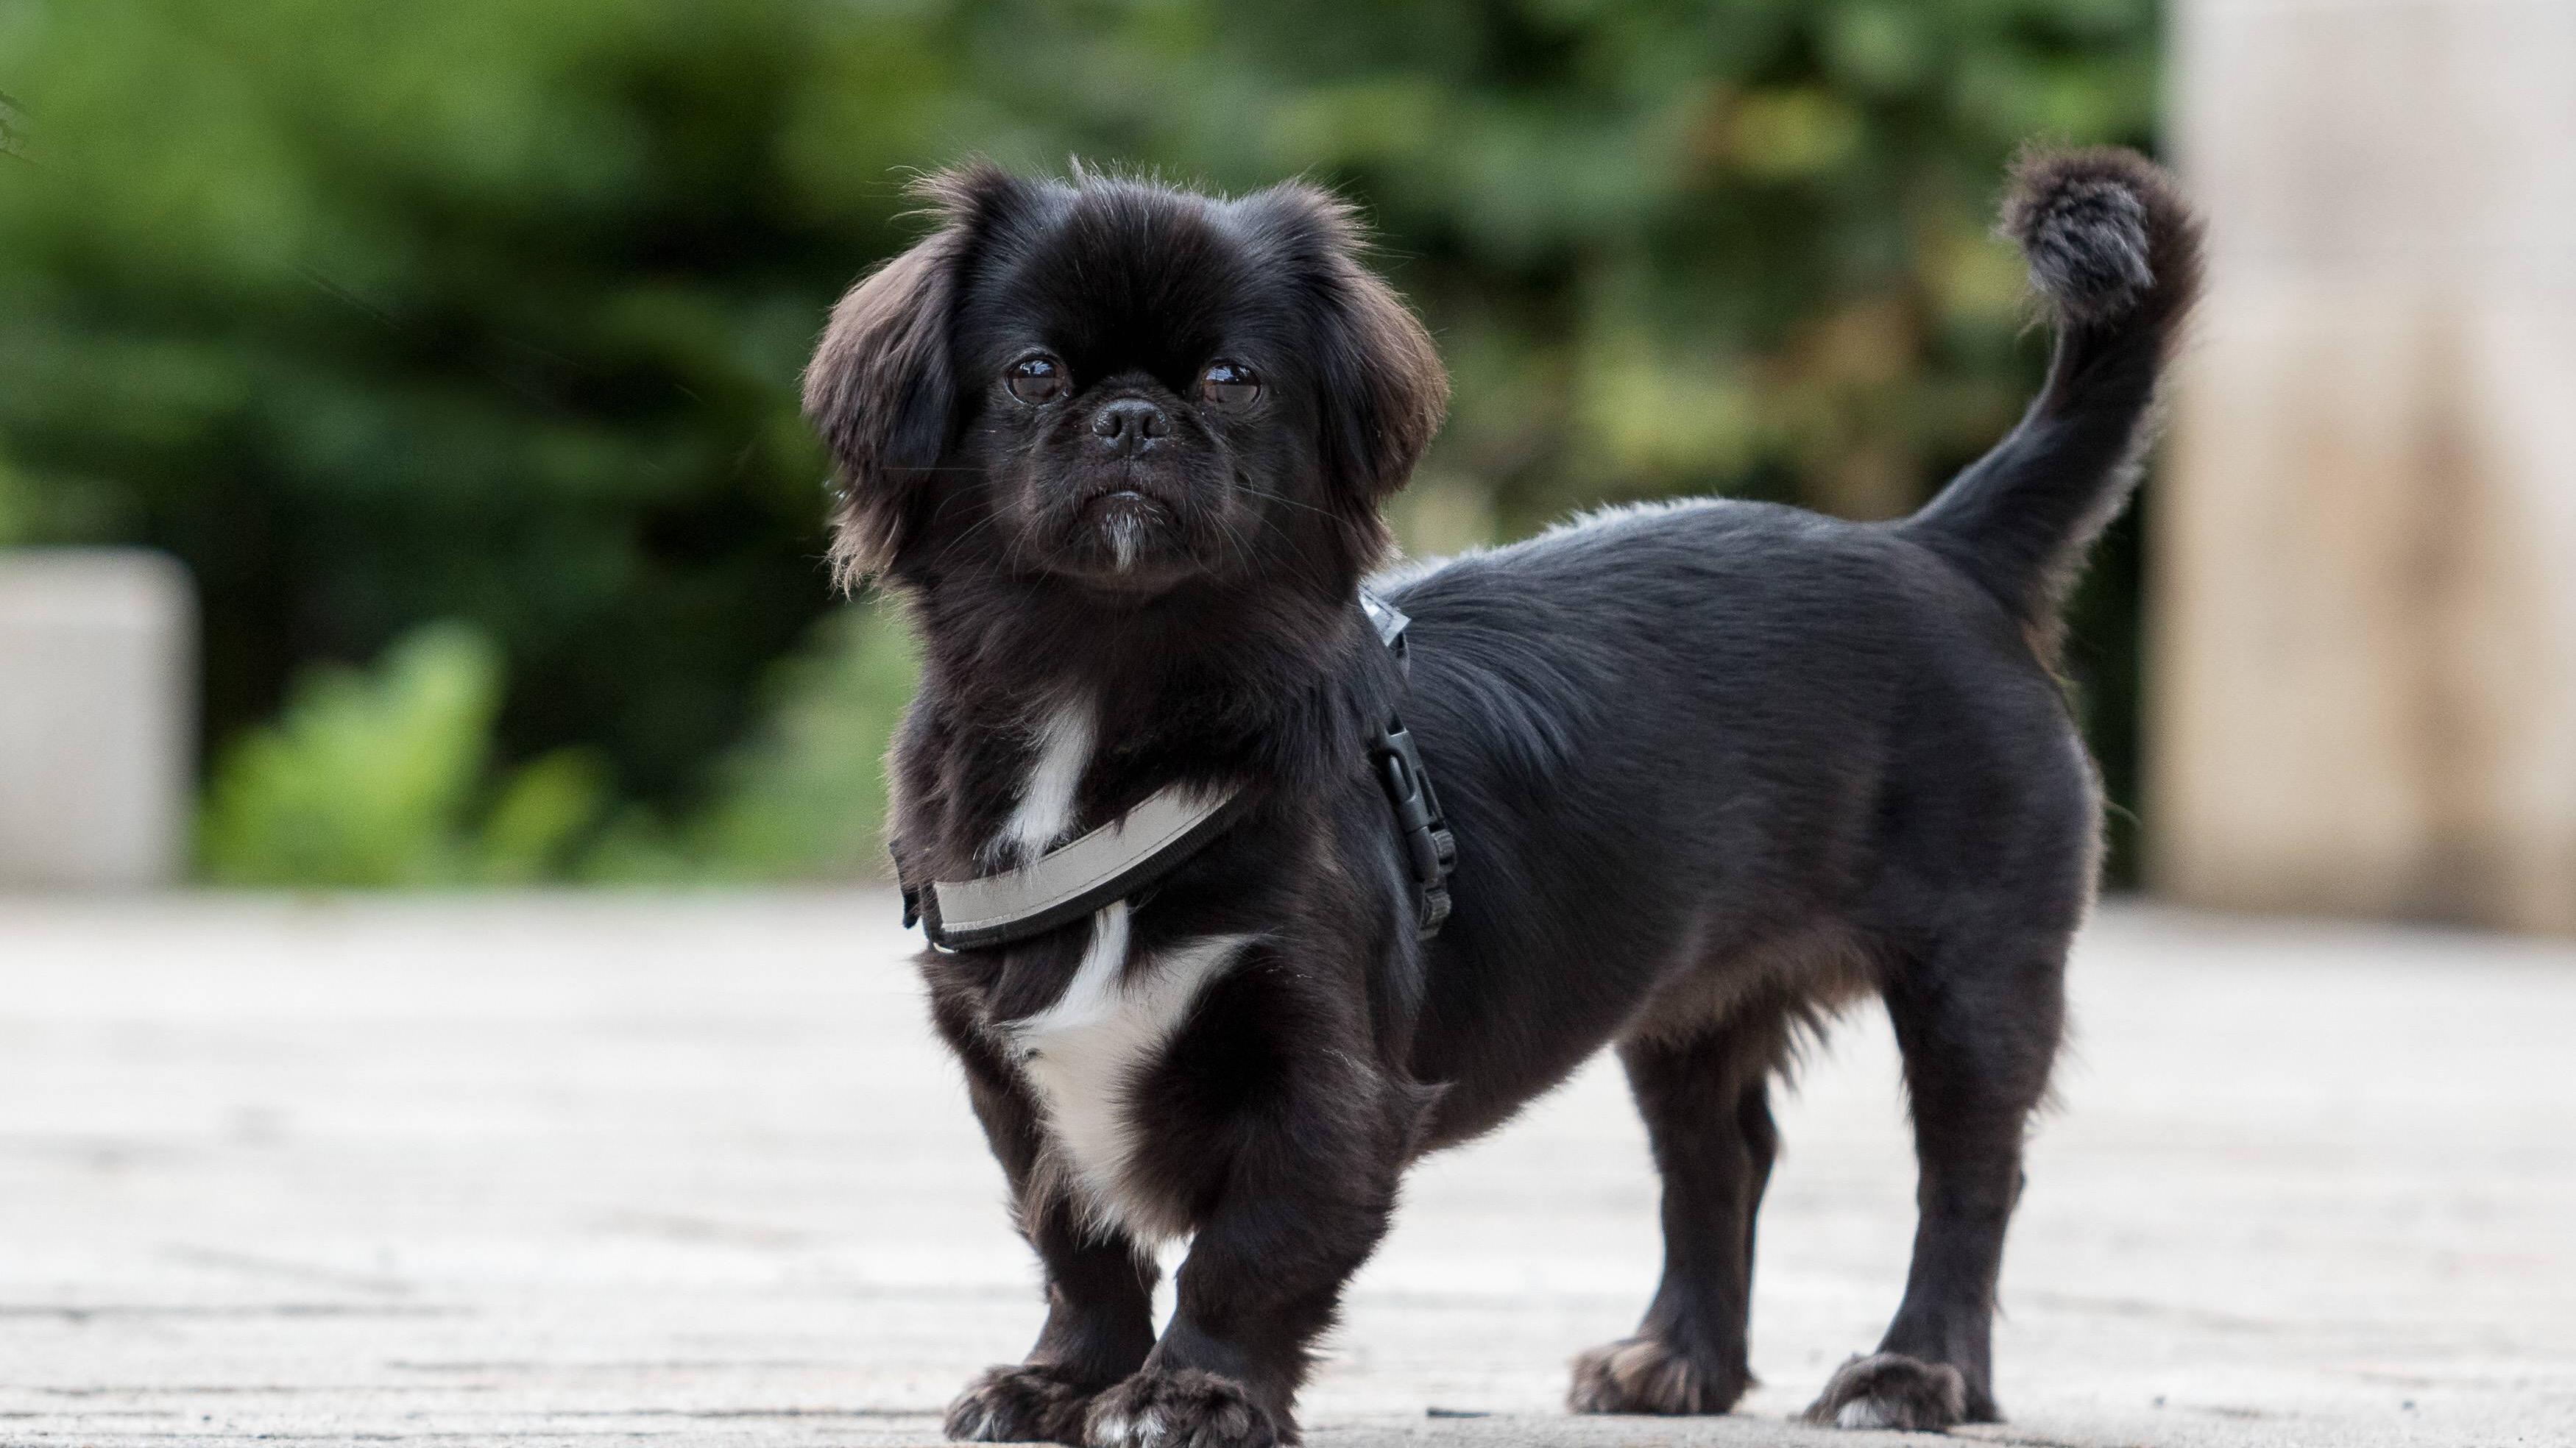 Blasensteine beim Hund: Ursachen, Symptome und was Sie tun können